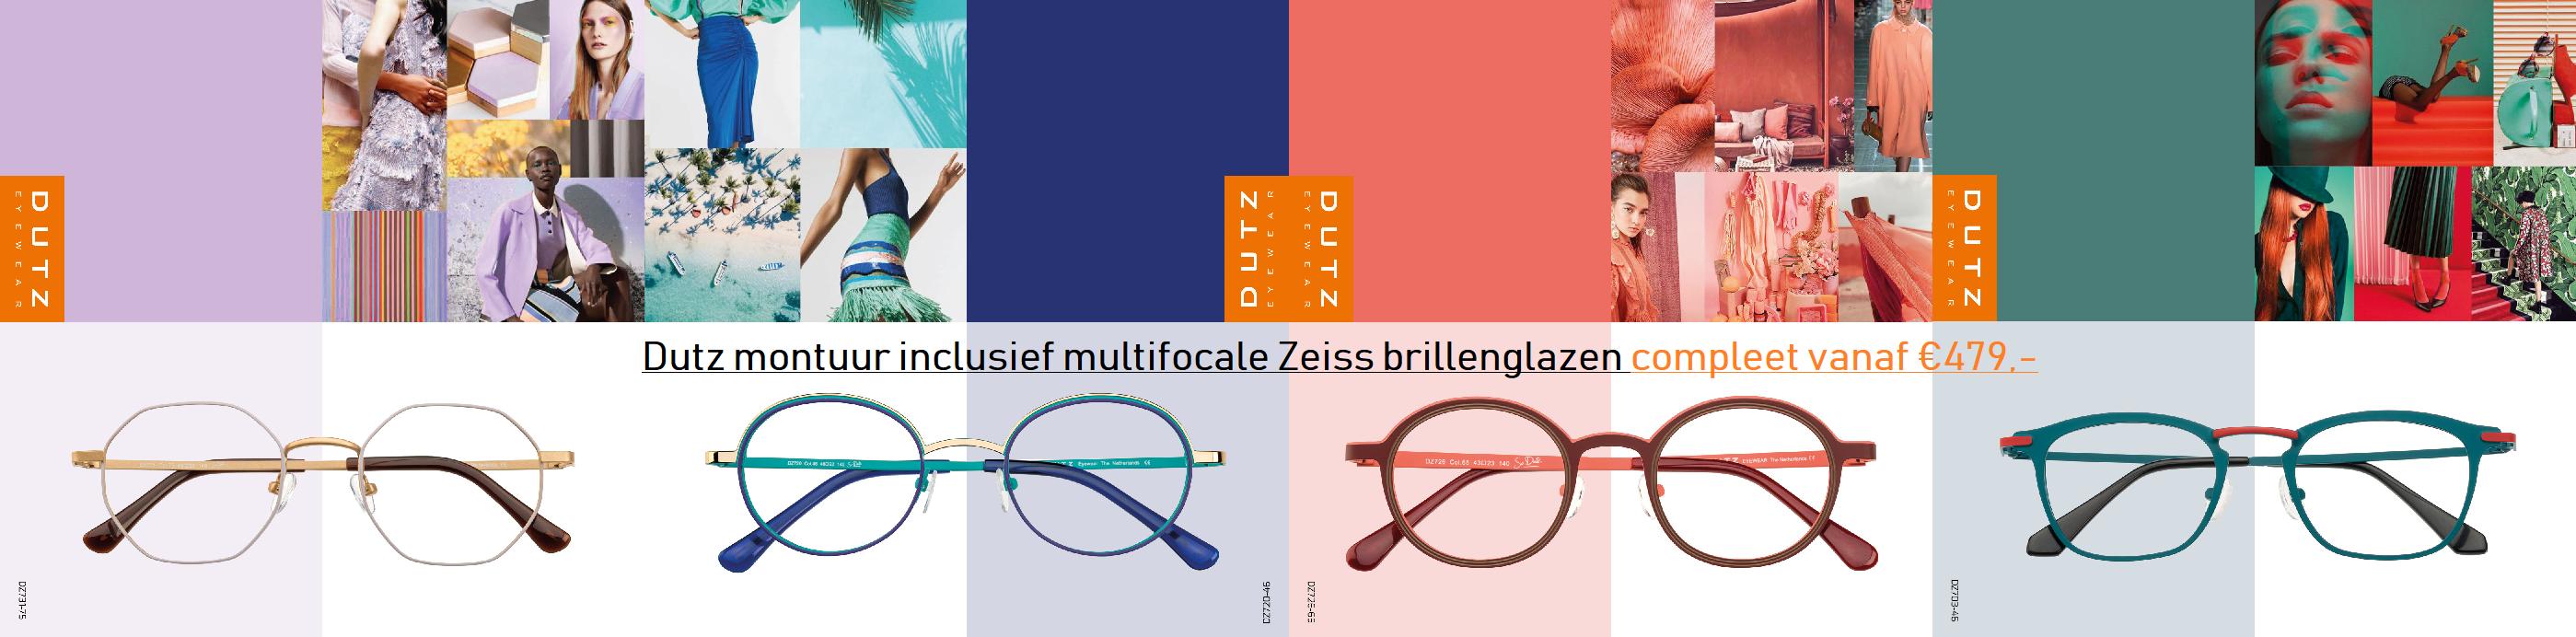 dutz3-slide